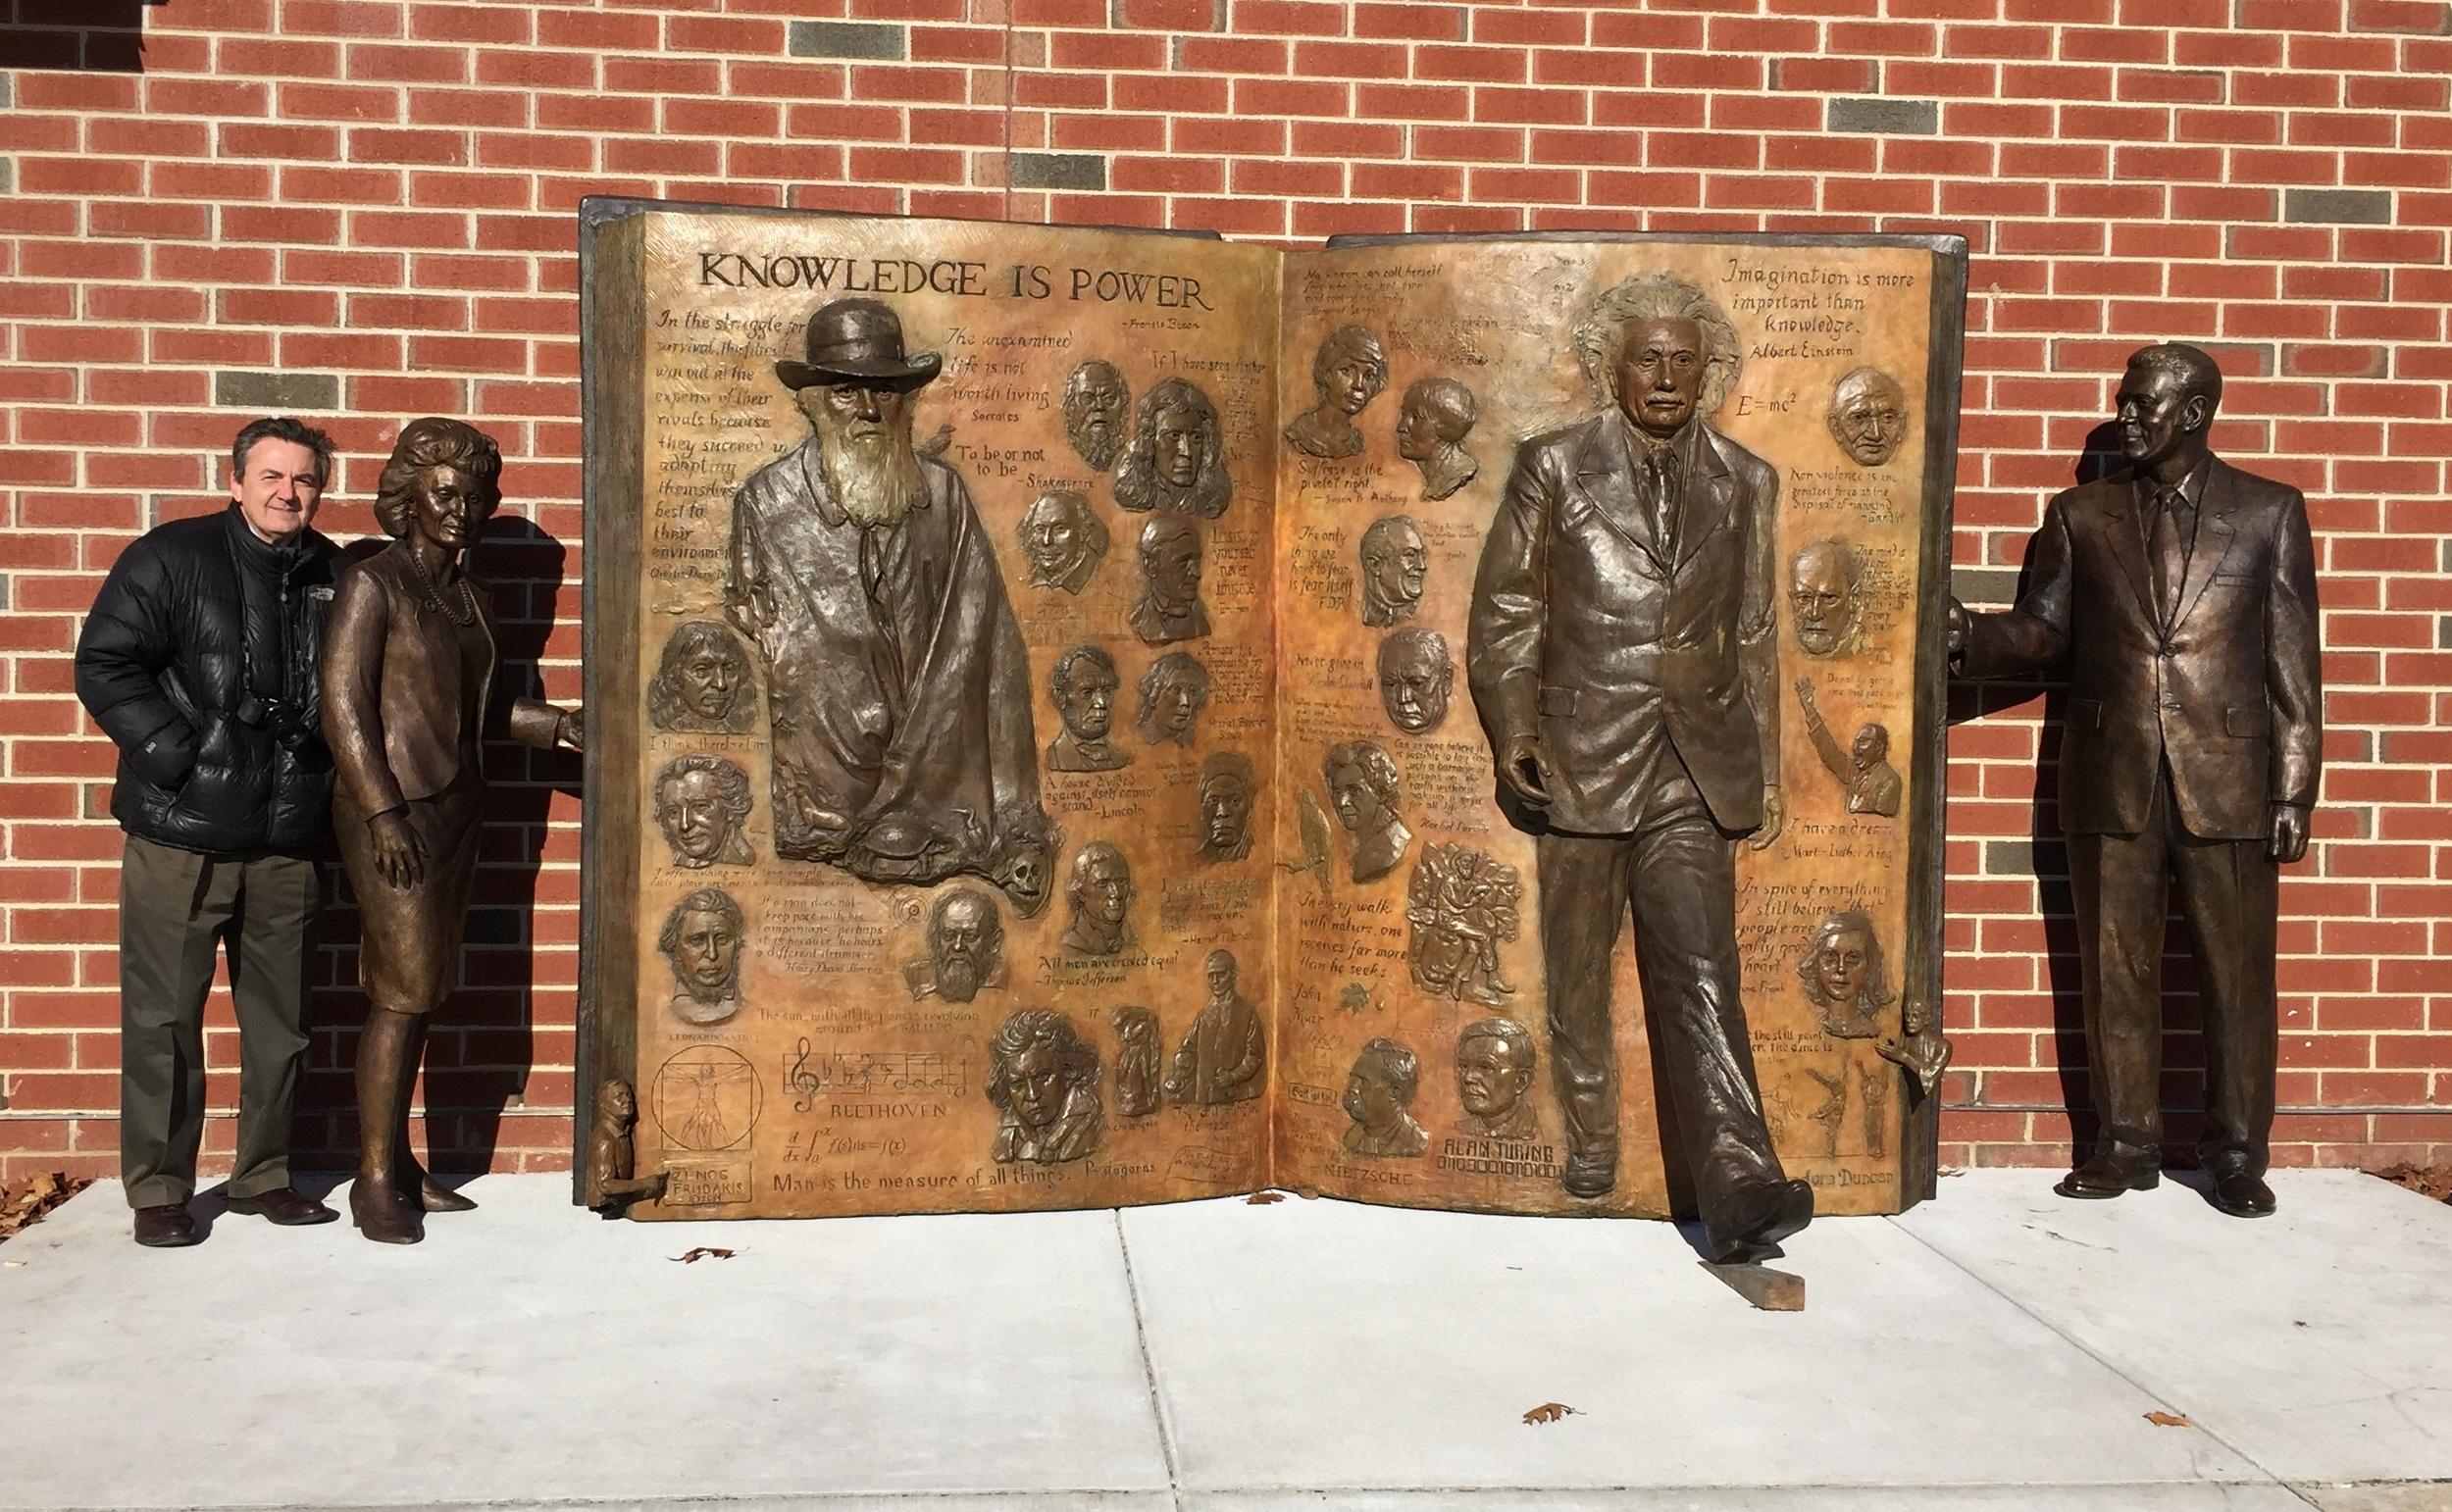 Knowledge is Power, public sculpture